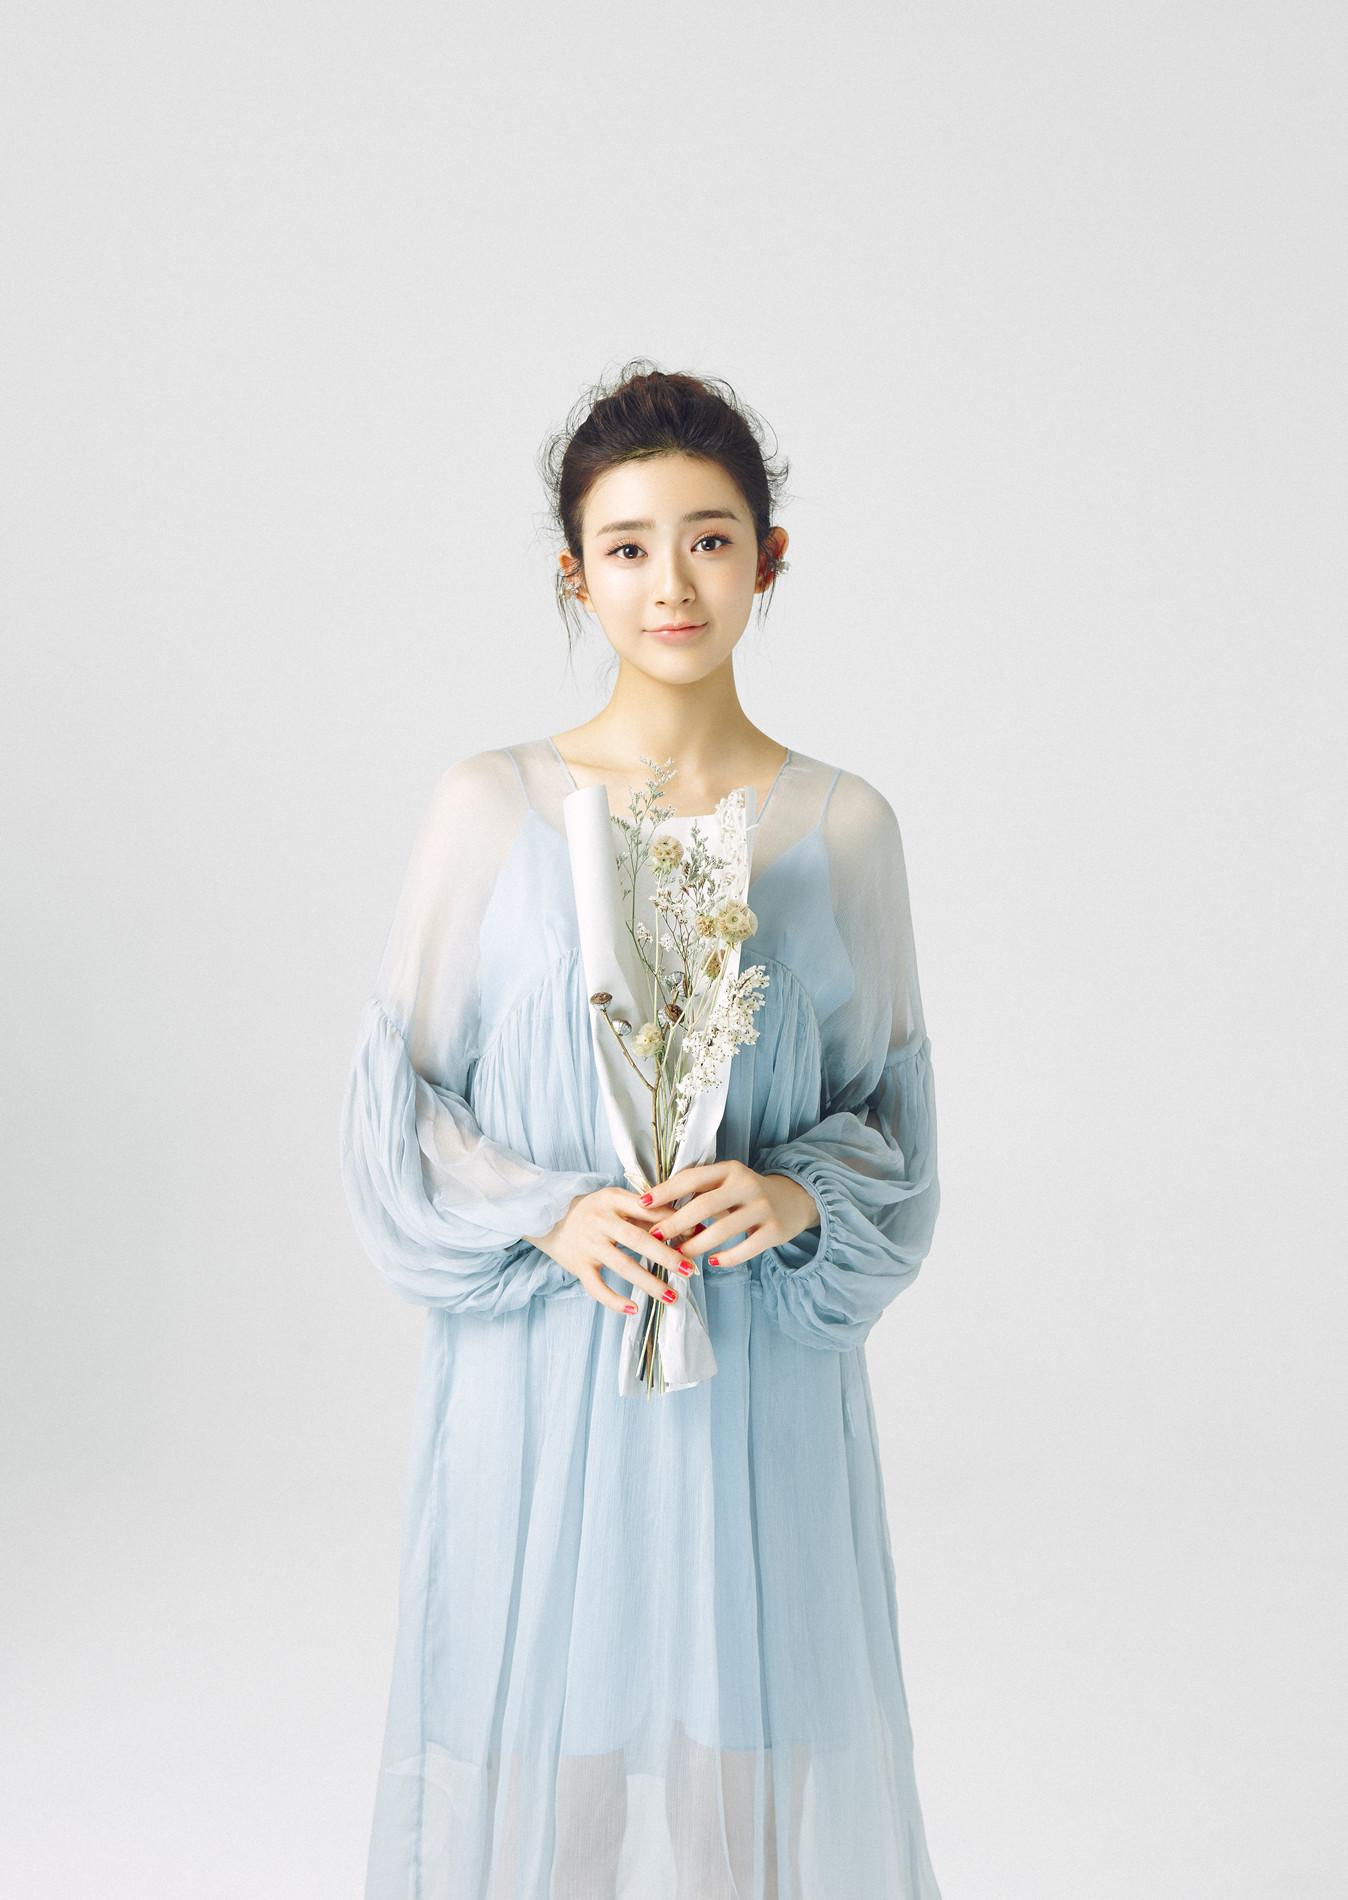 郭小炜丸子头薄纱裙造型如氧气小仙女